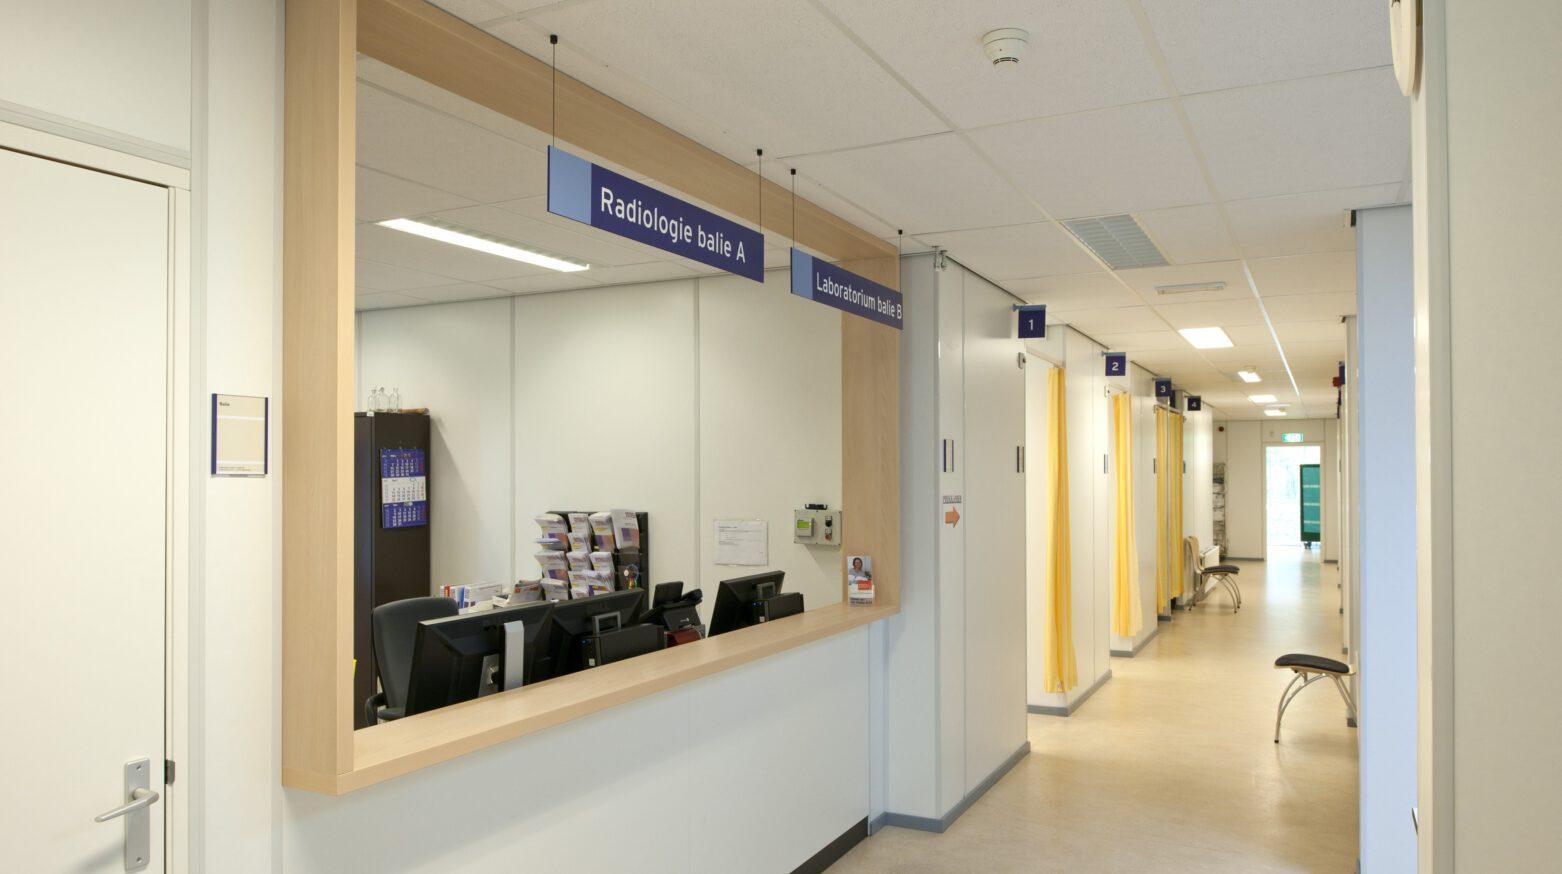 Gelre ziekenhuizen 026